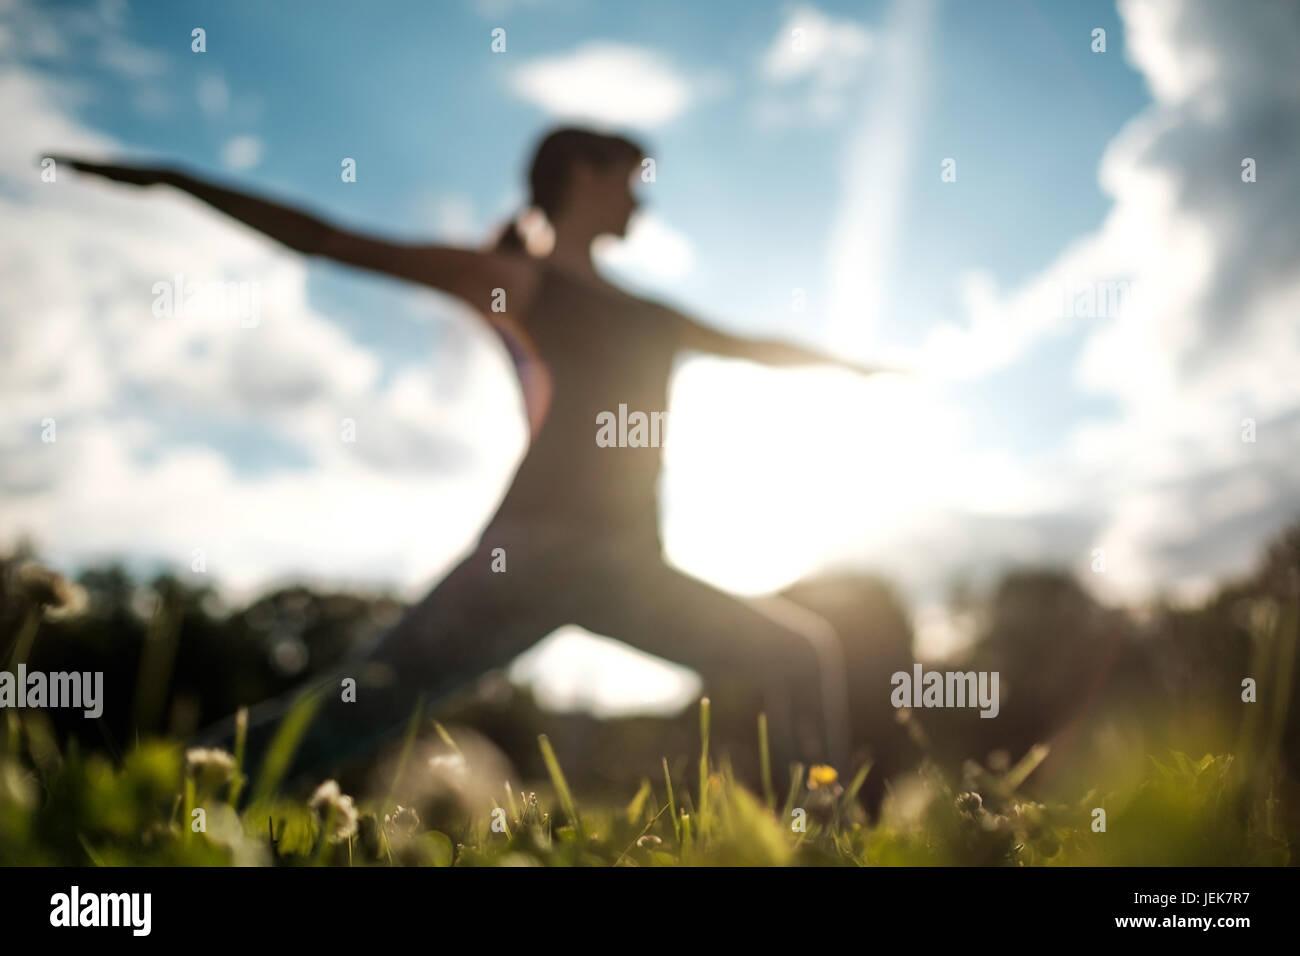 Sportlich fit kaukasischen Frau Asana Virabhadrasana 2 Krieger Pose Haltung in der Natur zu tun. Stockfoto